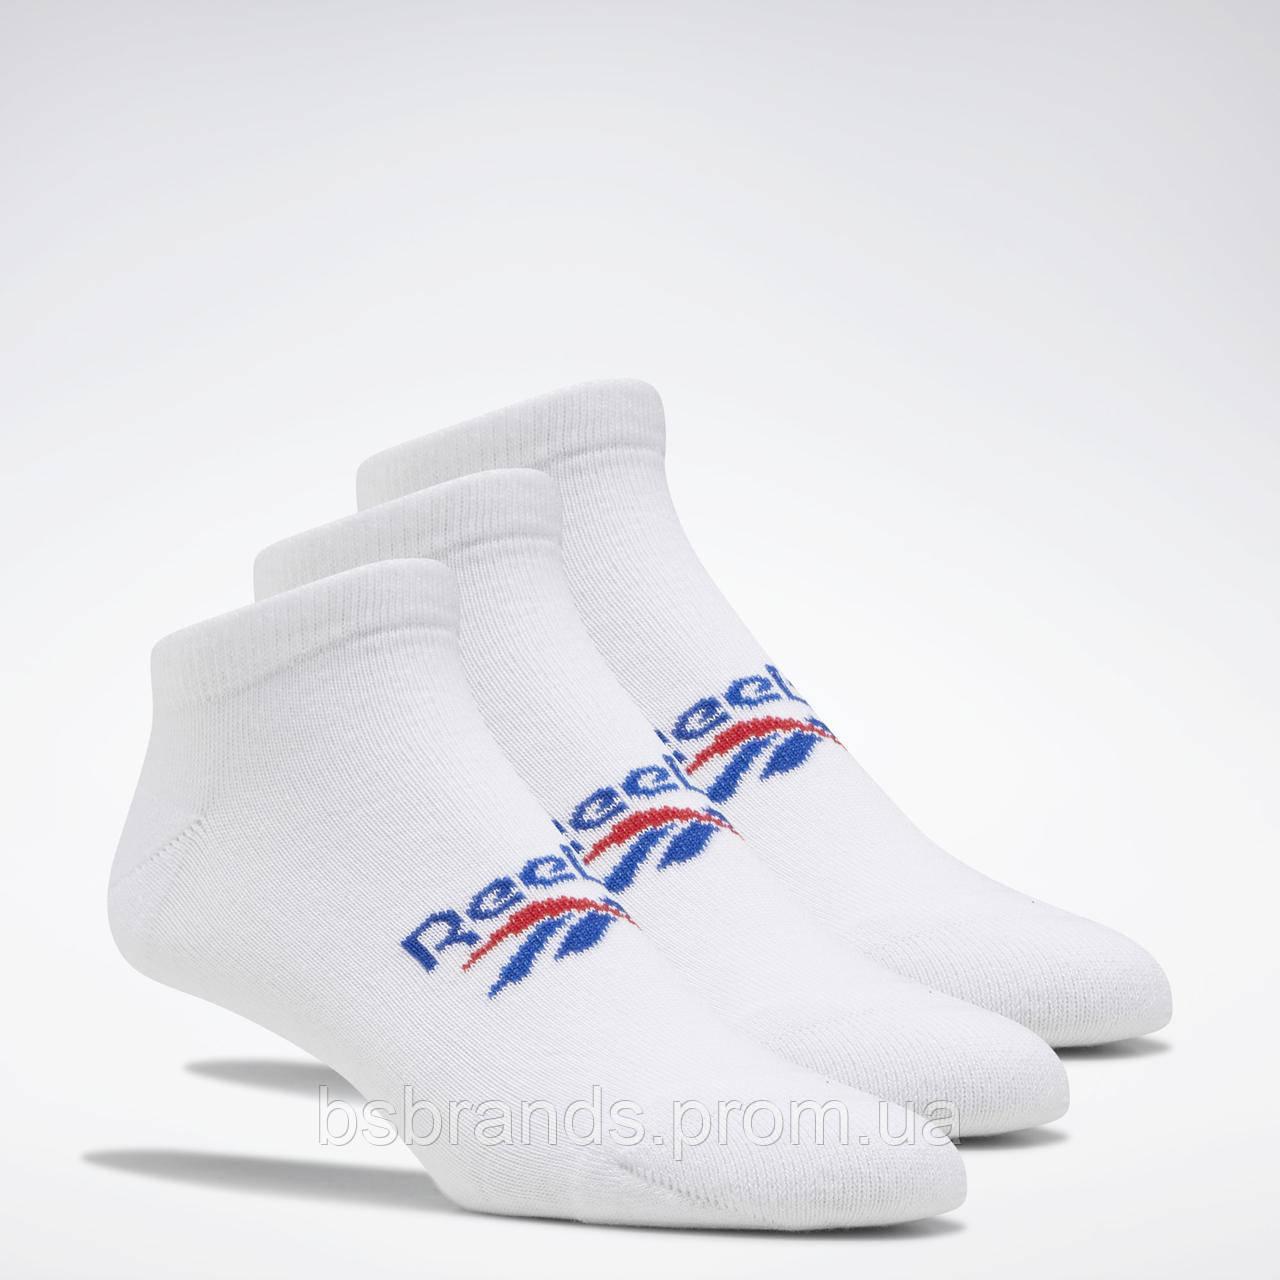 Спортивные носки Reebok Classics Foundation Low Cut, 3 пары FL9309 (2020/1)